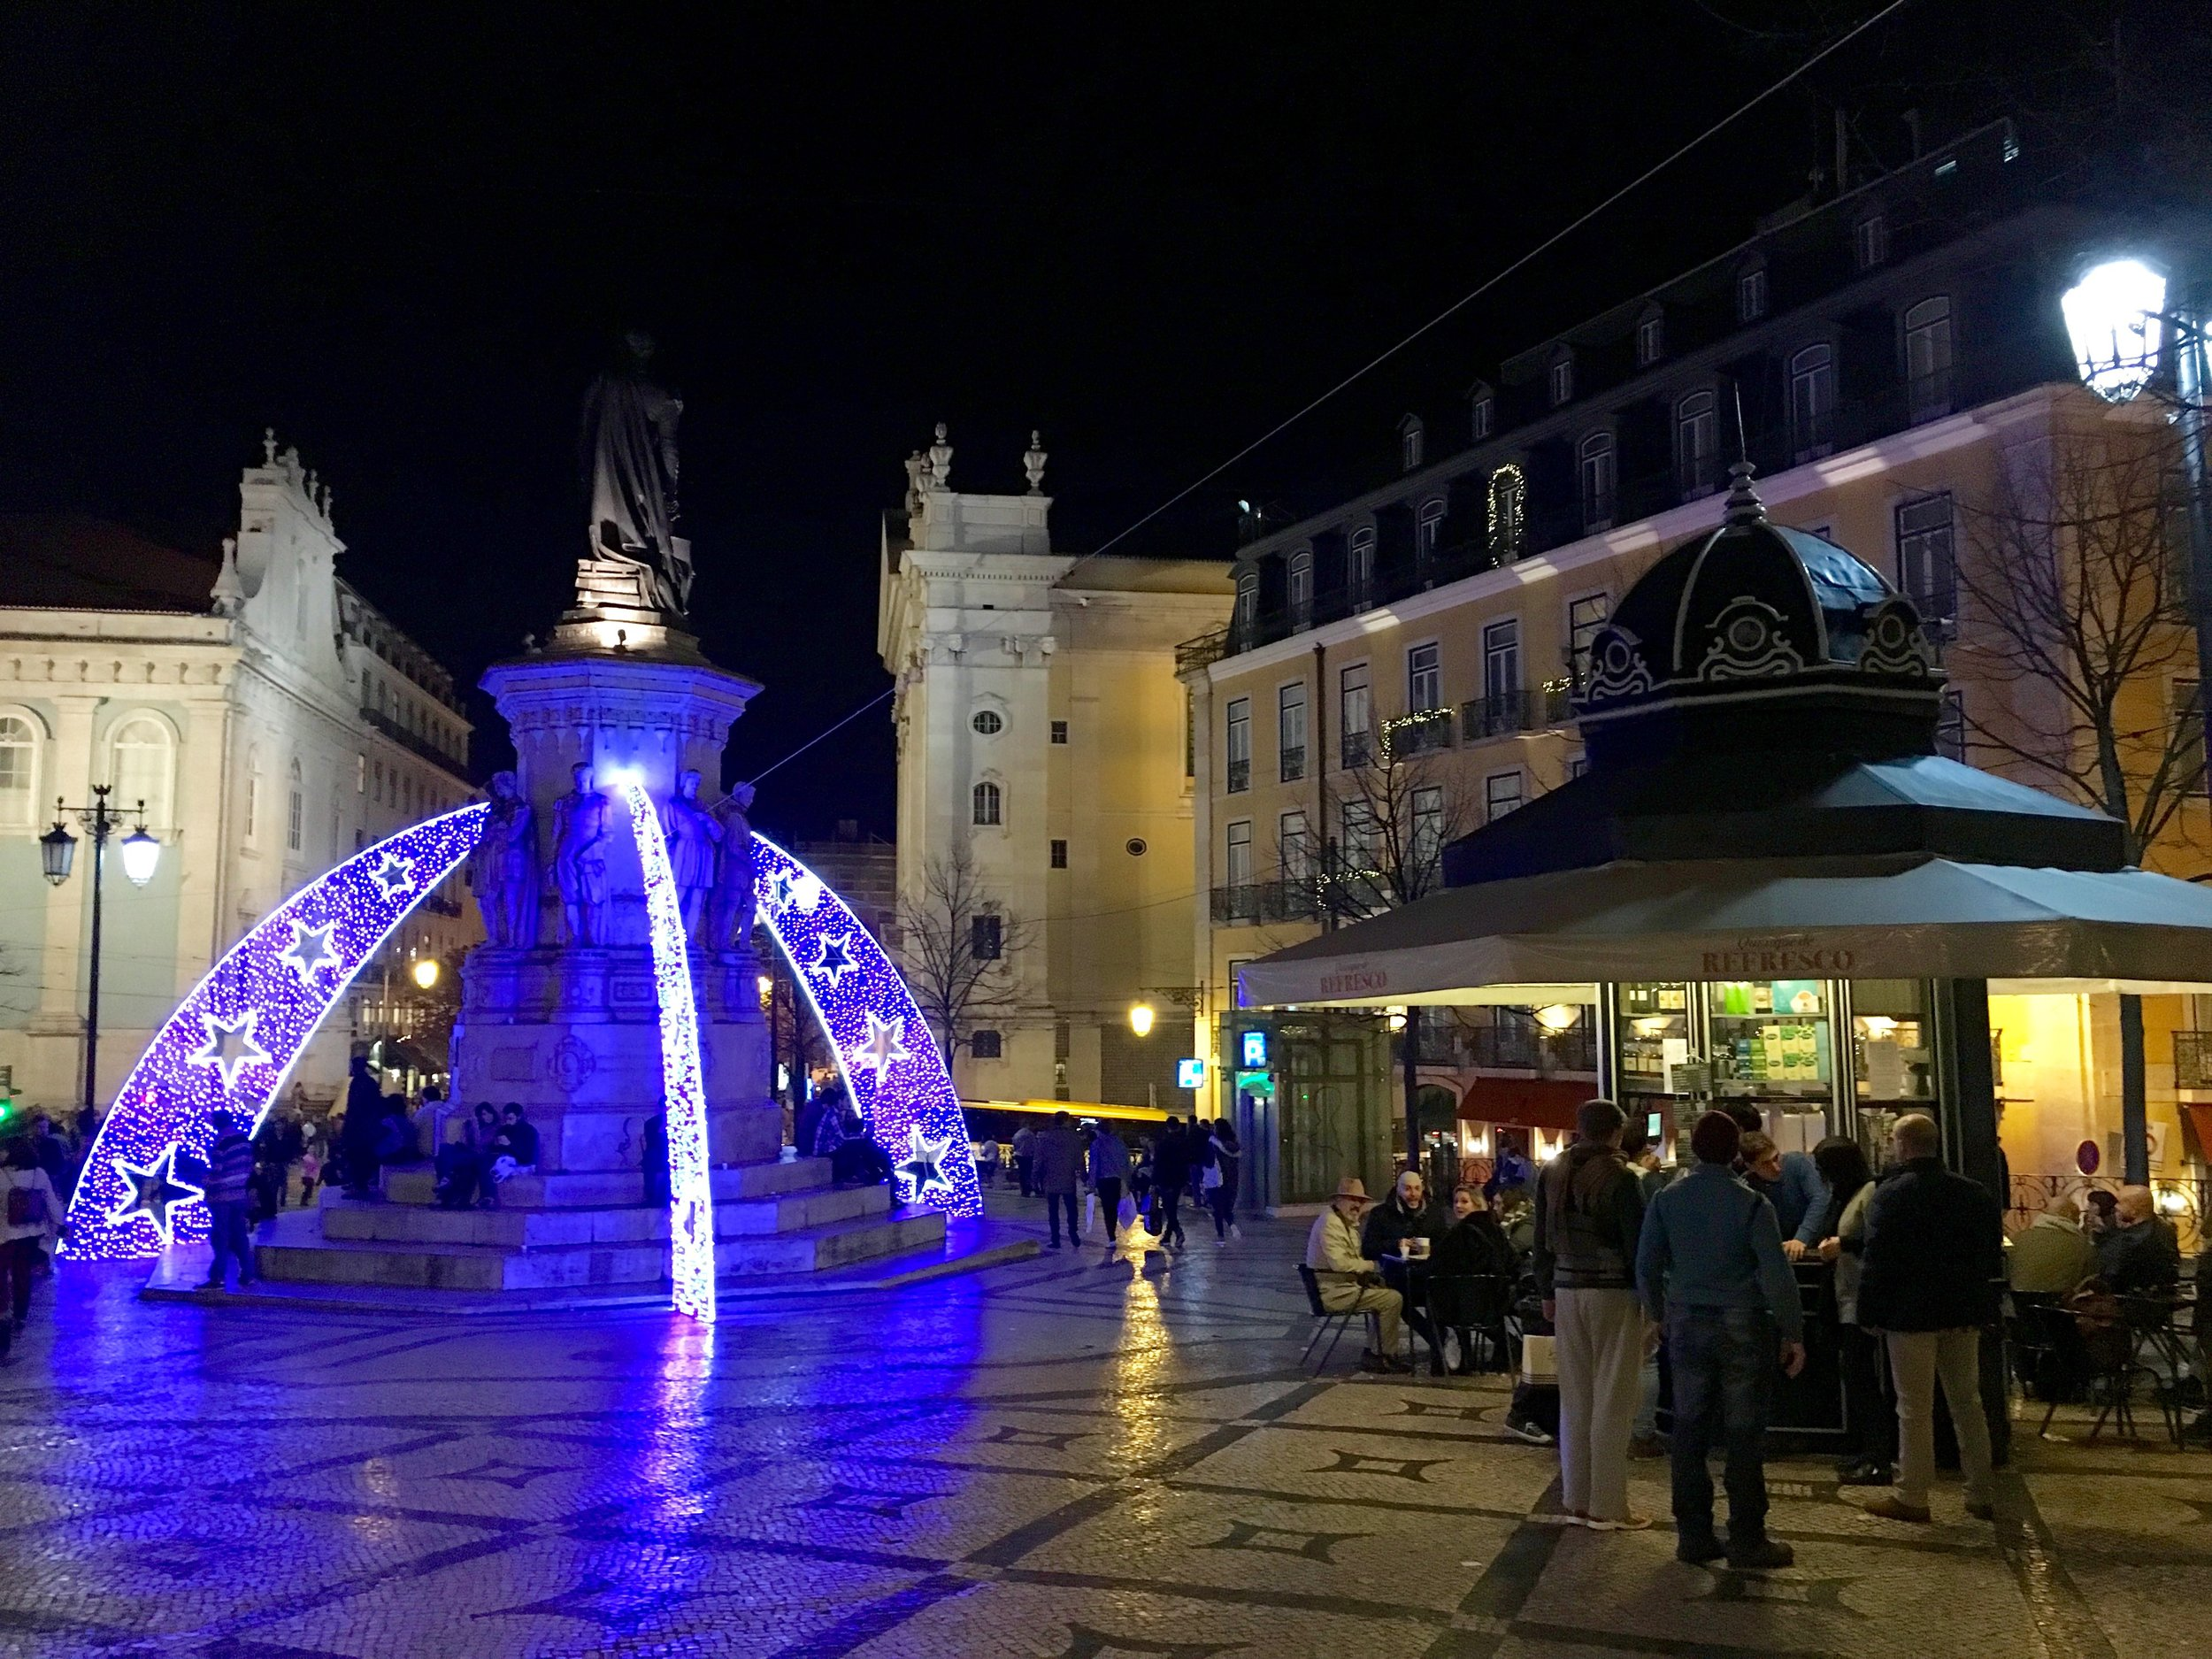 Quiosque Largo do Camões, Lisbon